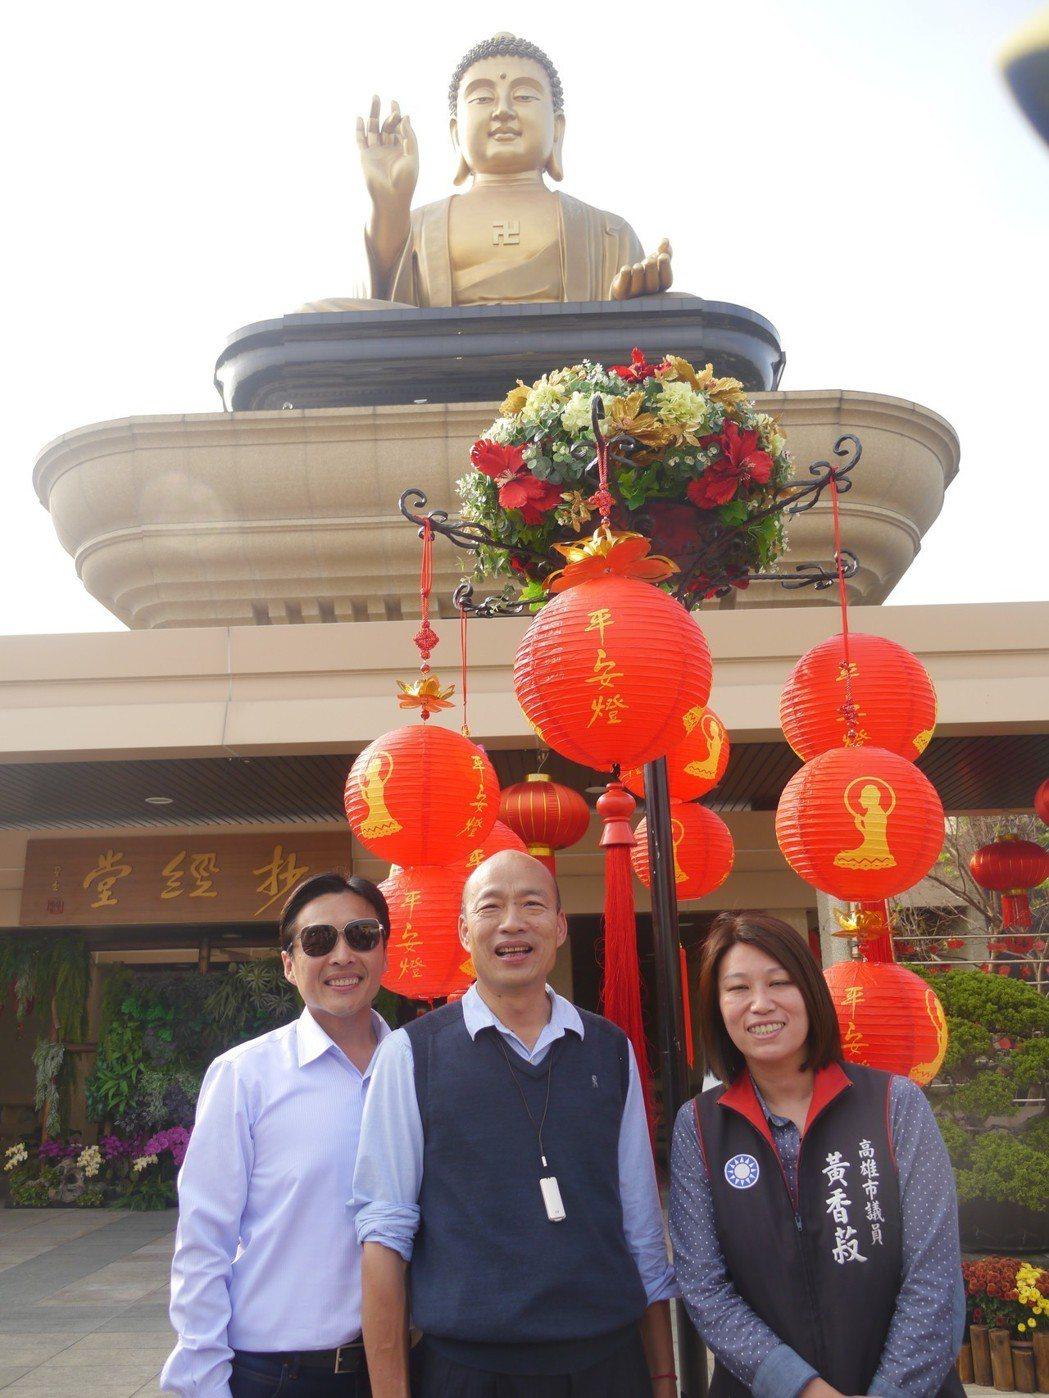 韓國瑜(中)受訪後,在佛陀紀念館大佛下與題字燈籠合影。記者徐白櫻/攝影